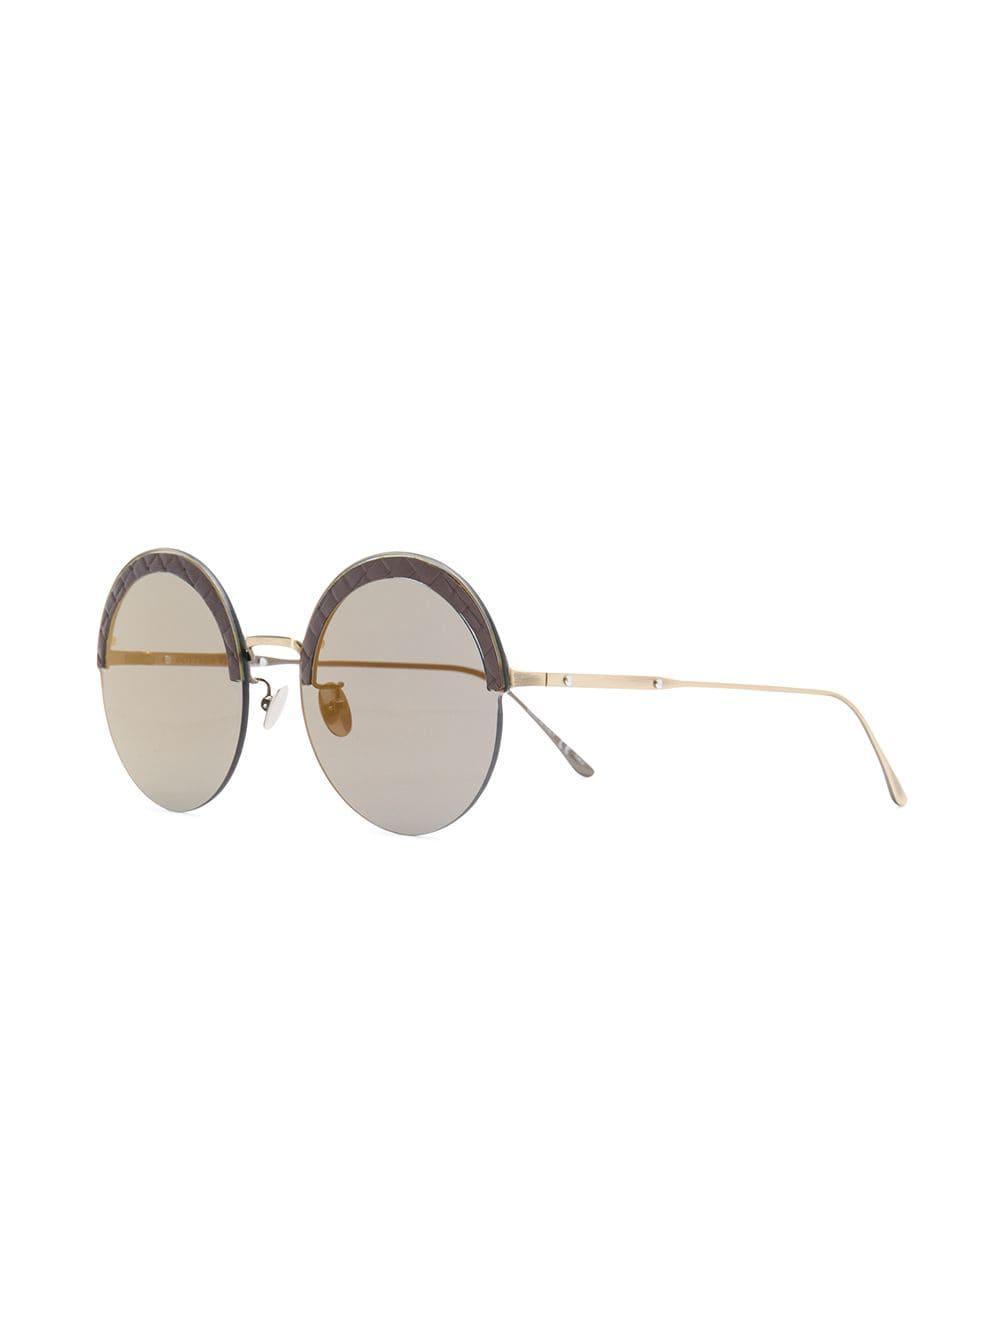 3c3a6c9f99fb Bottega Veneta Round Frame Sunglasses in Black - Lyst